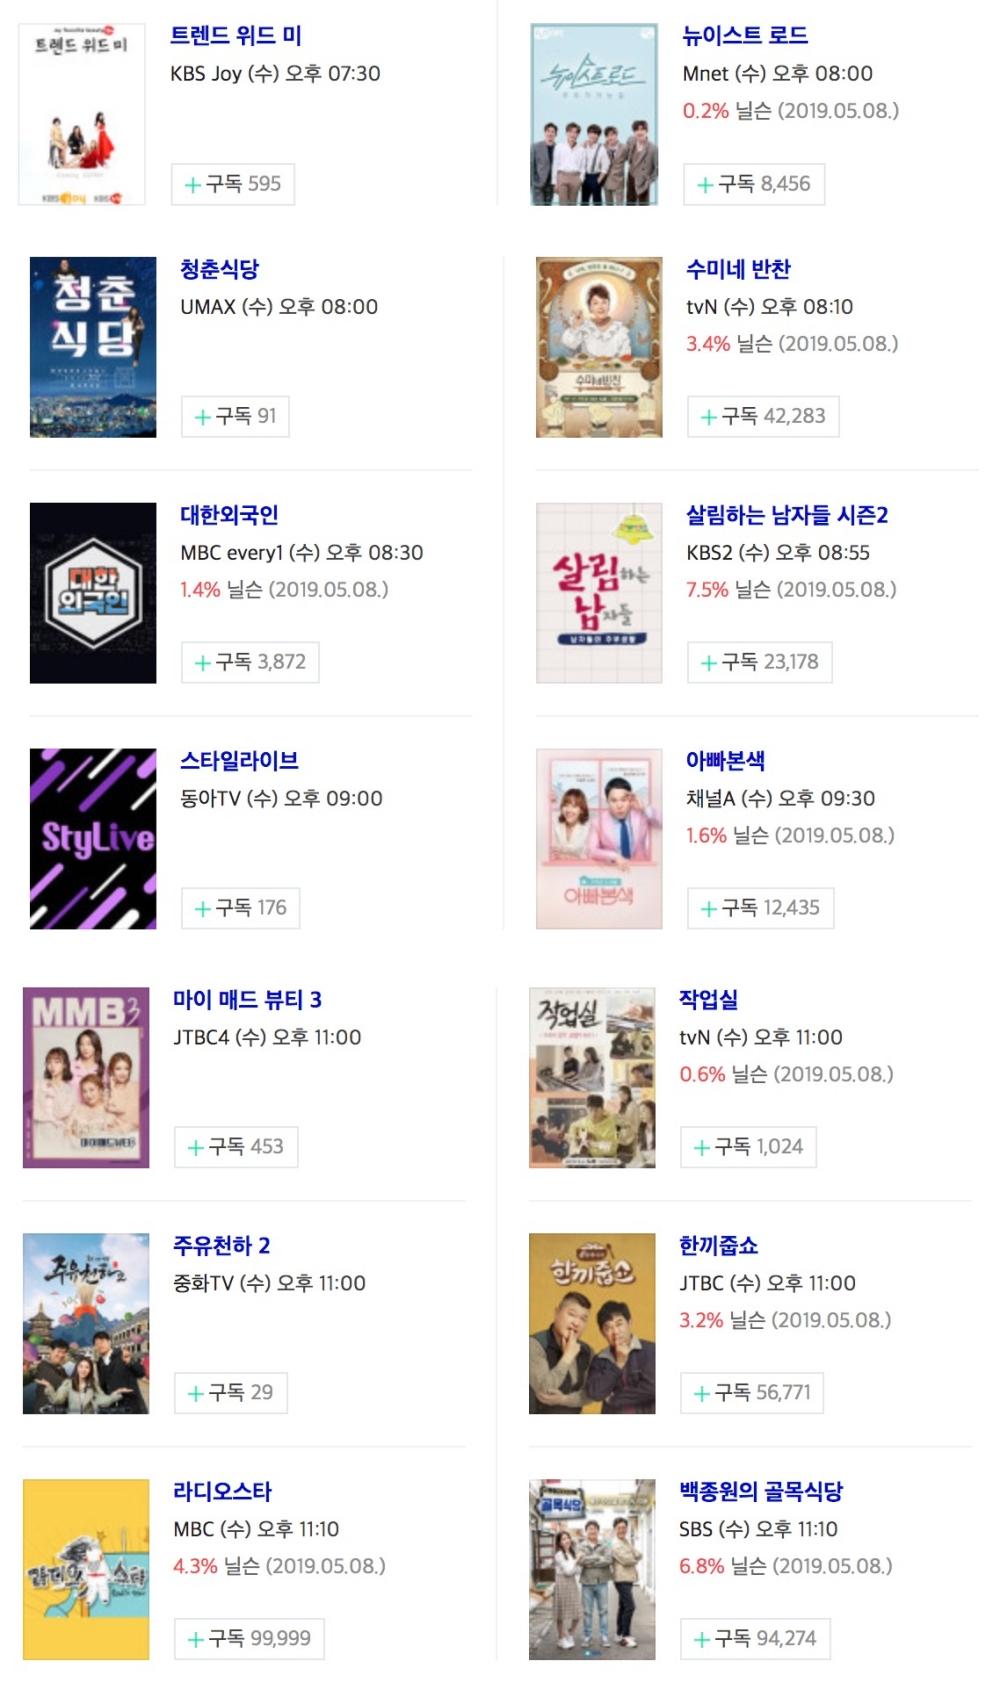 [수요일 예능] 8일 오후 주요 예능 프로그램 편성표-지난주 시청률은?